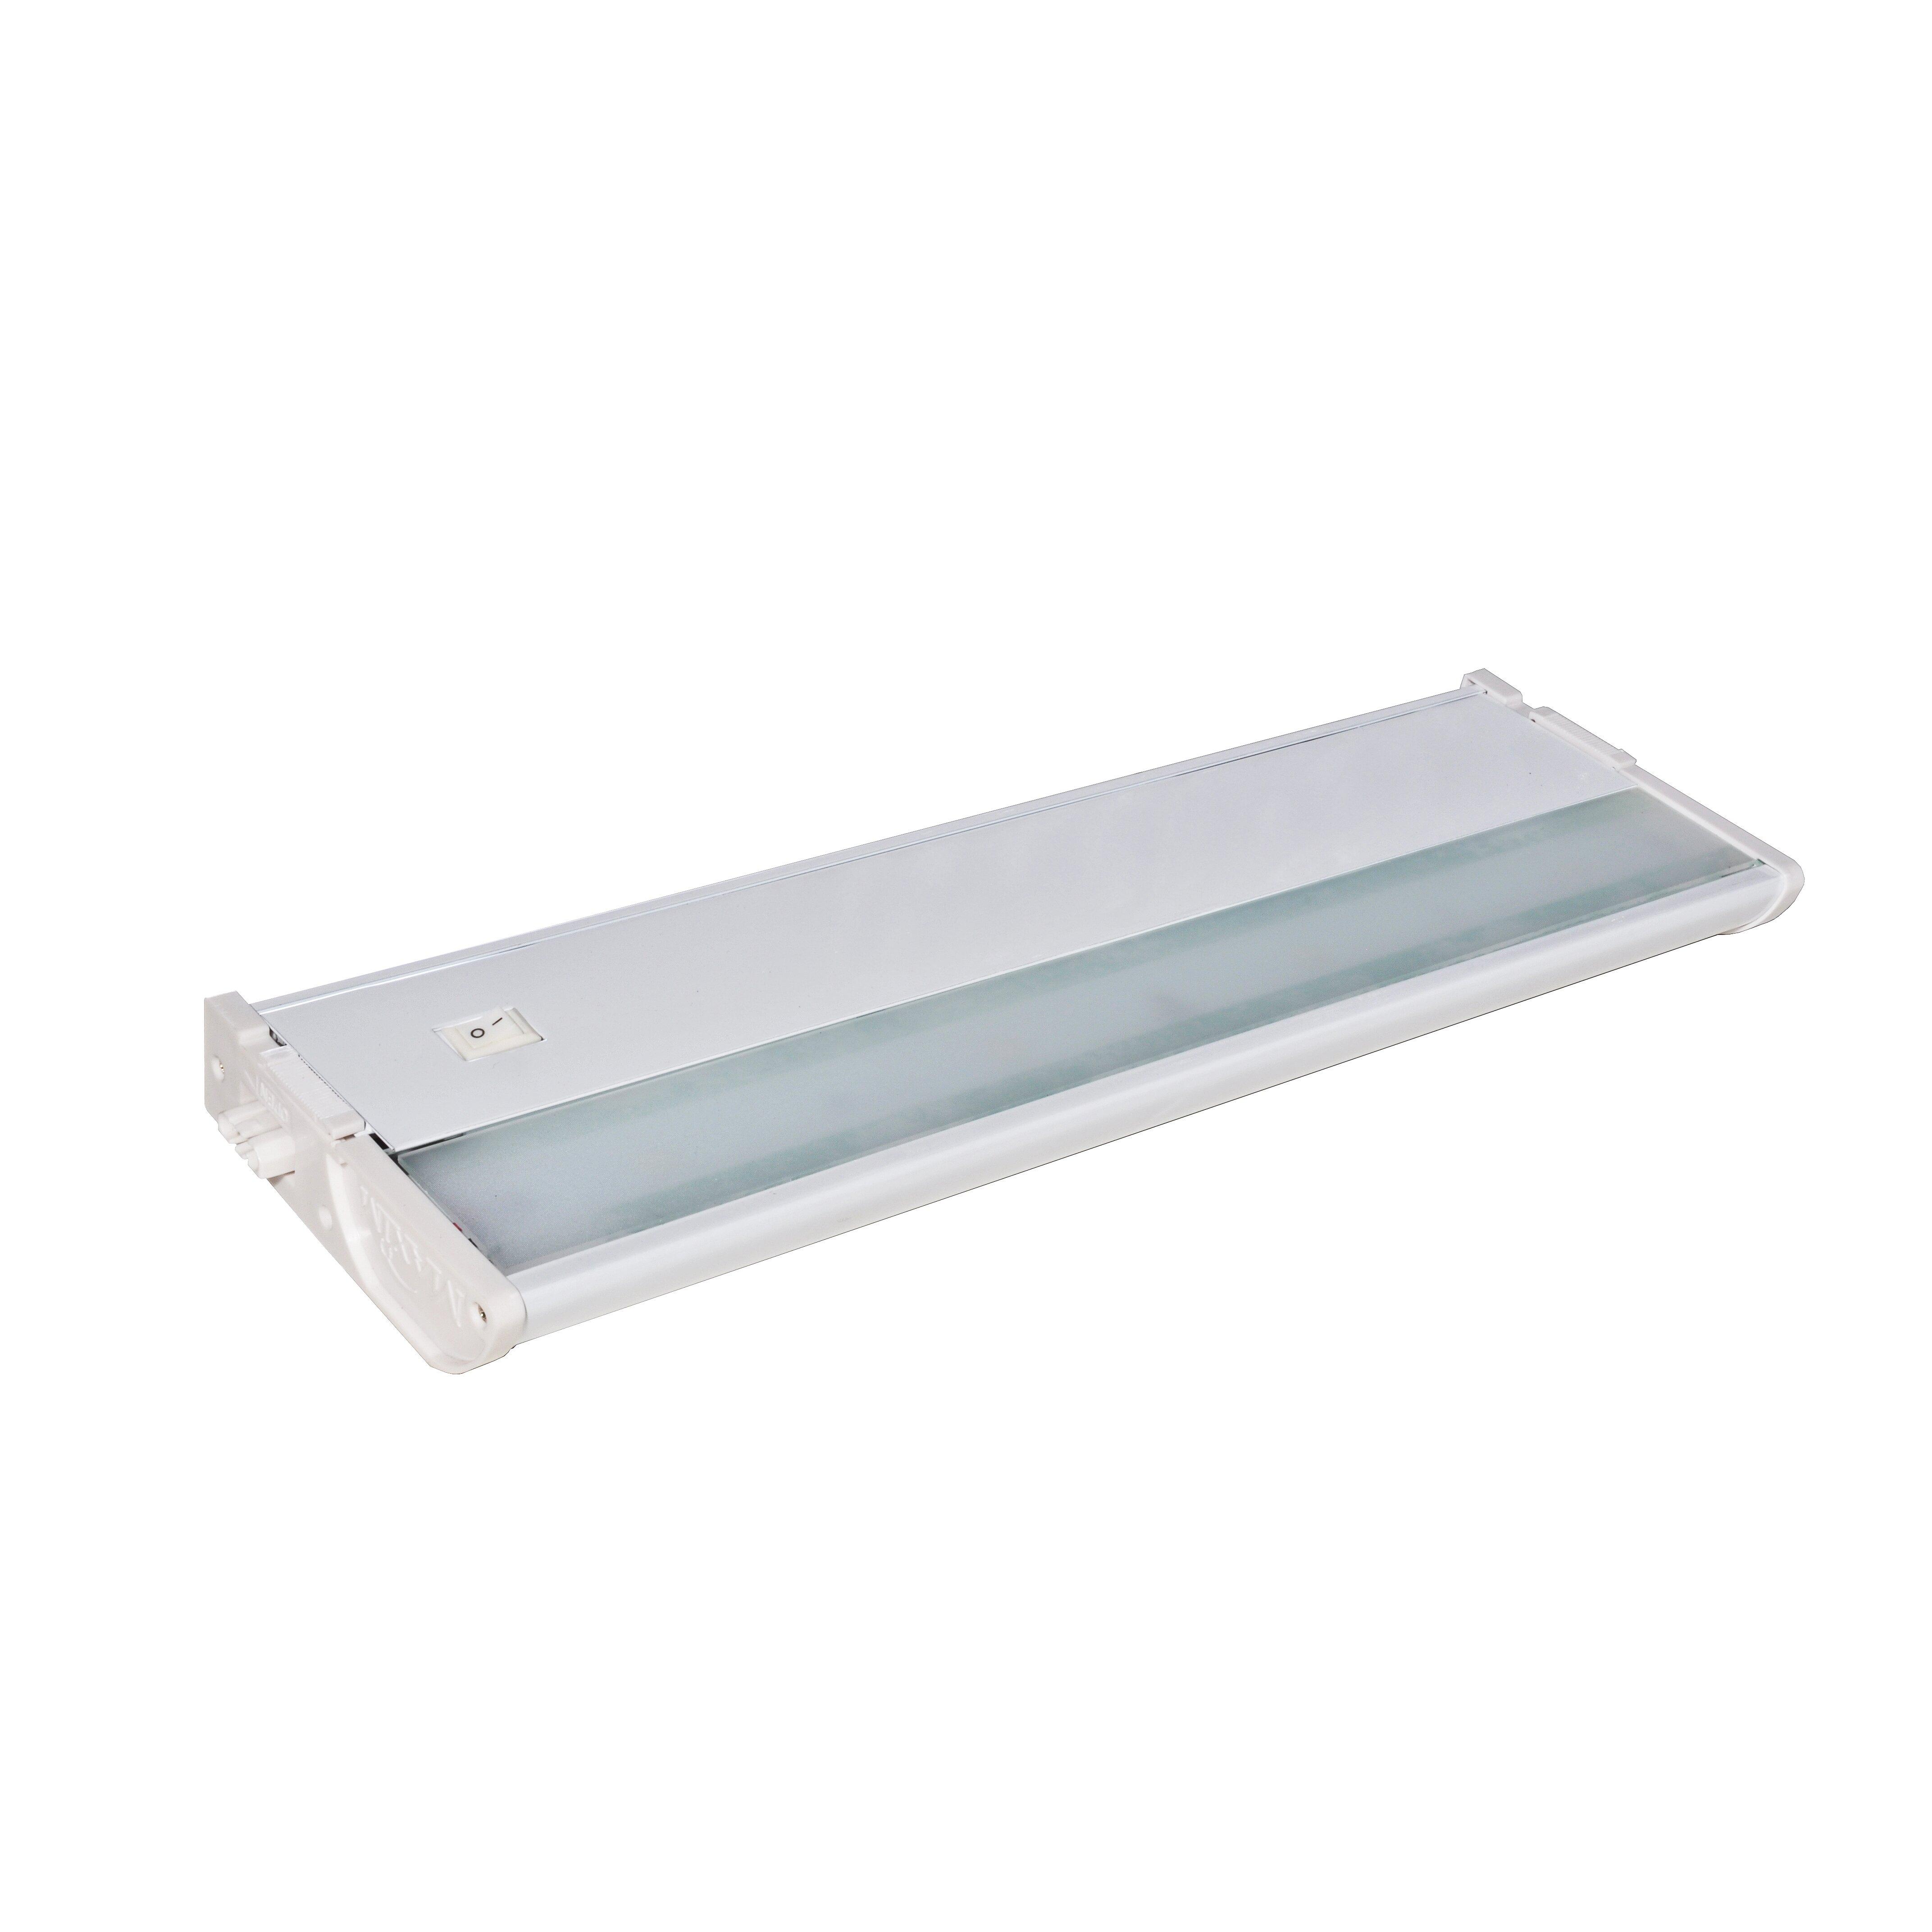 Led Ramp Under Koksskap : Maxim Lighting CounterMax MXL120DL 13 LED Under Cabinet Bar Light